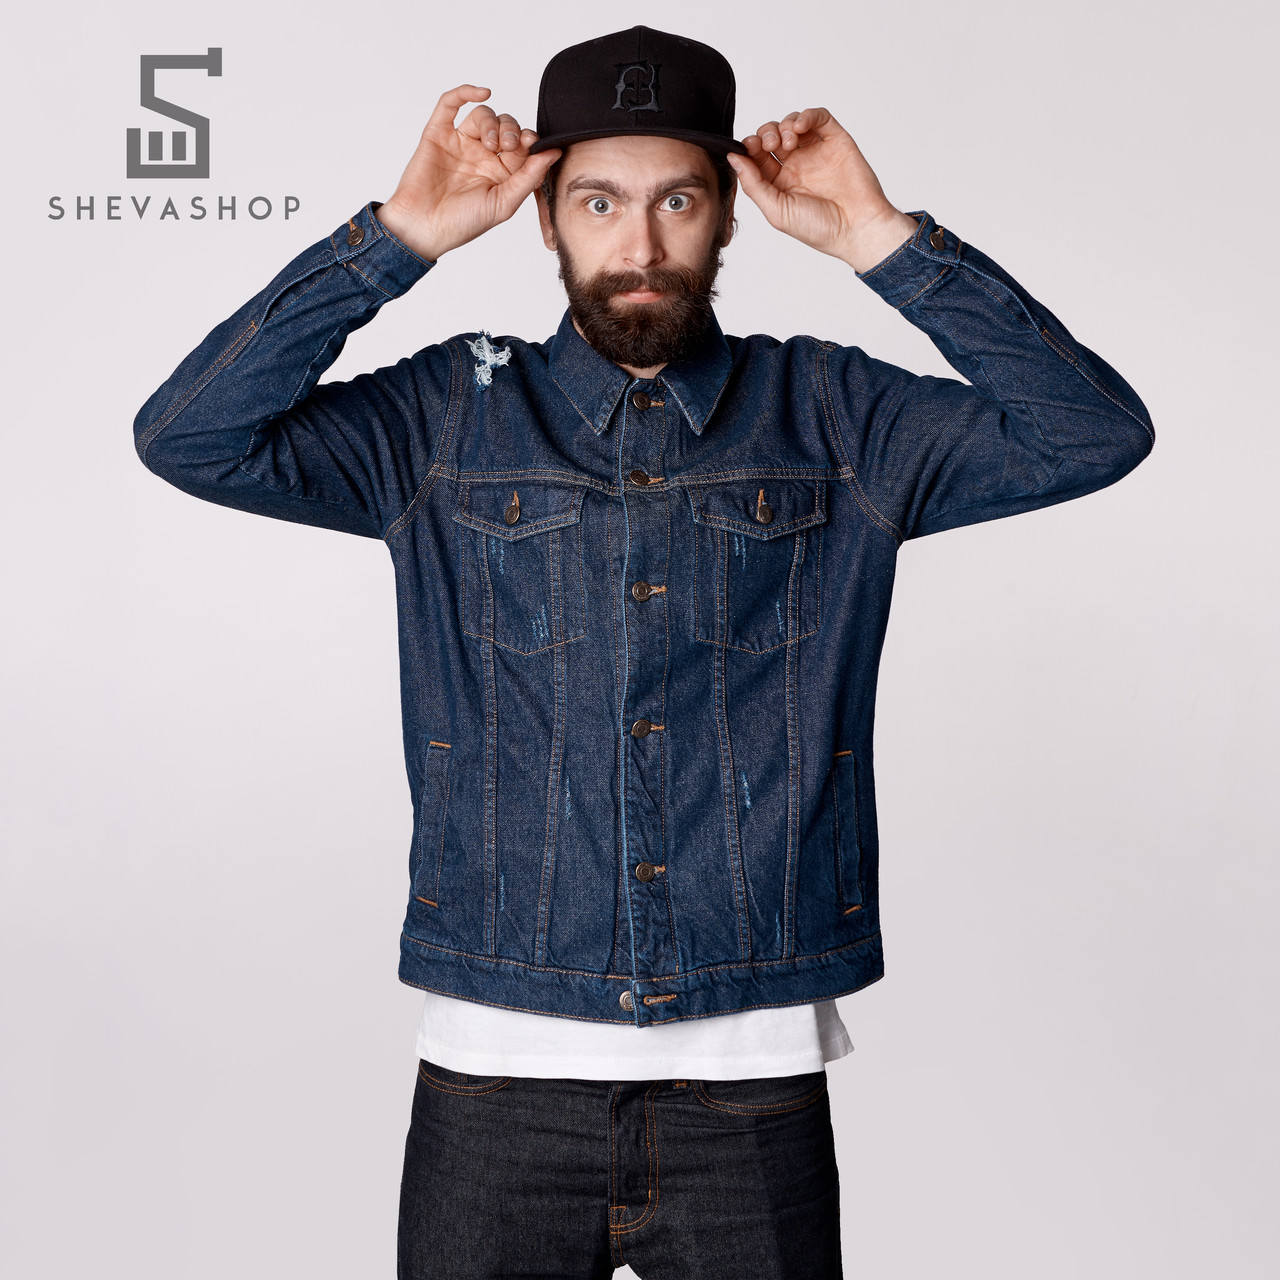 ede2789c97e Джинсовая куртка мужская F F Trucker темно-синяя - купить по лучшей ...